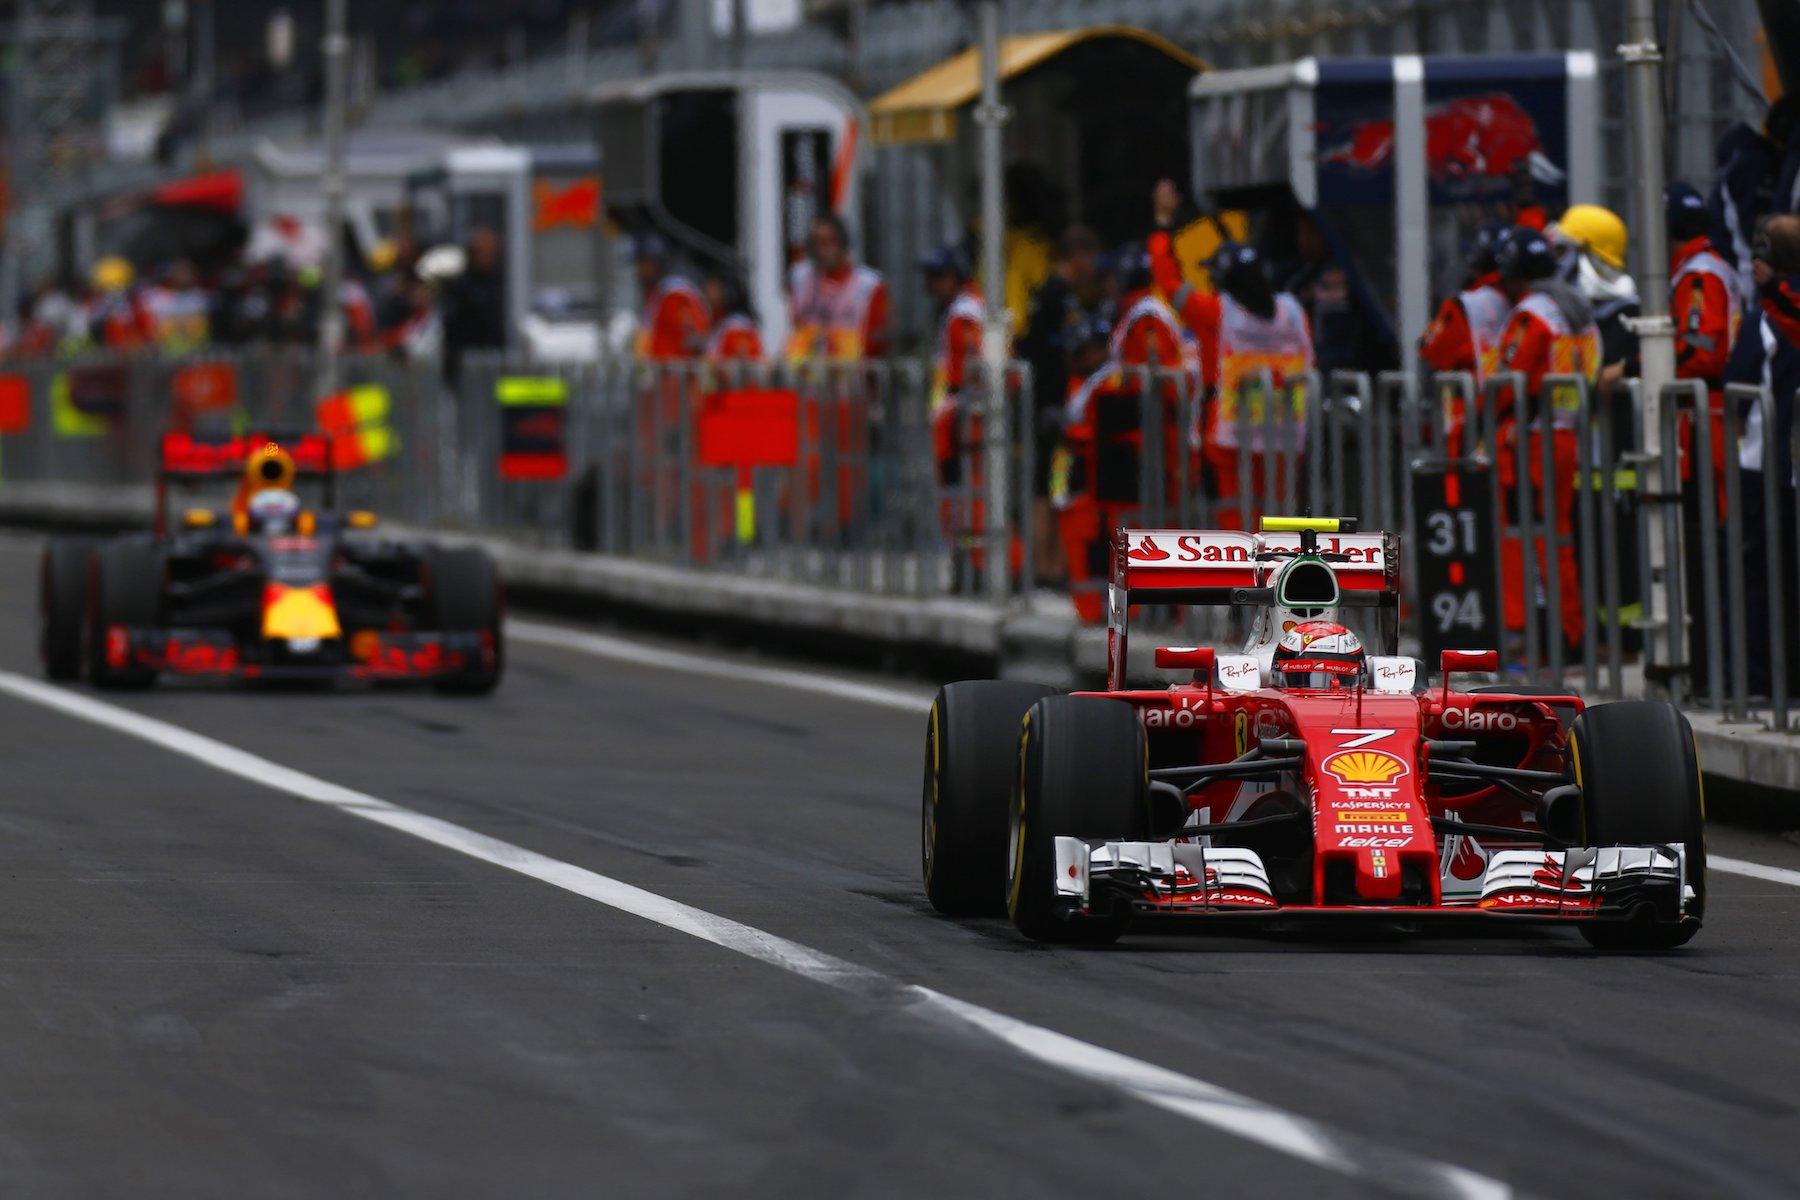 Salracing - Kimi Raikkonen   Scuderia Ferrari